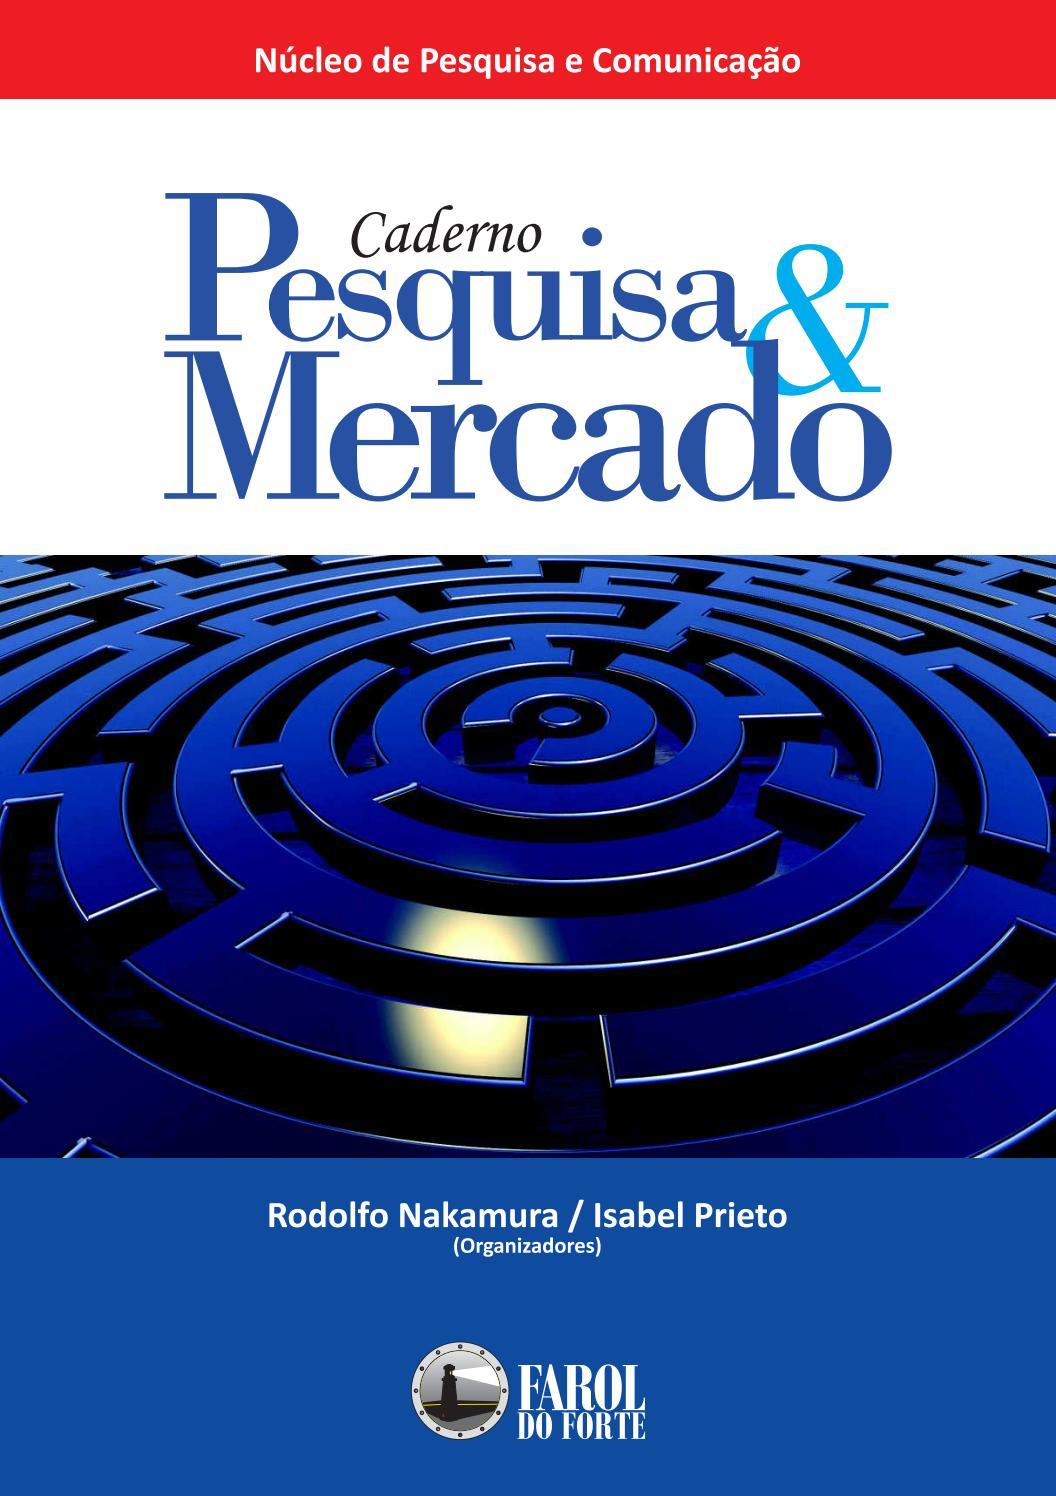 98eff922edbbb Caderno pesquisa e mercado by Farol do Forte - issuu